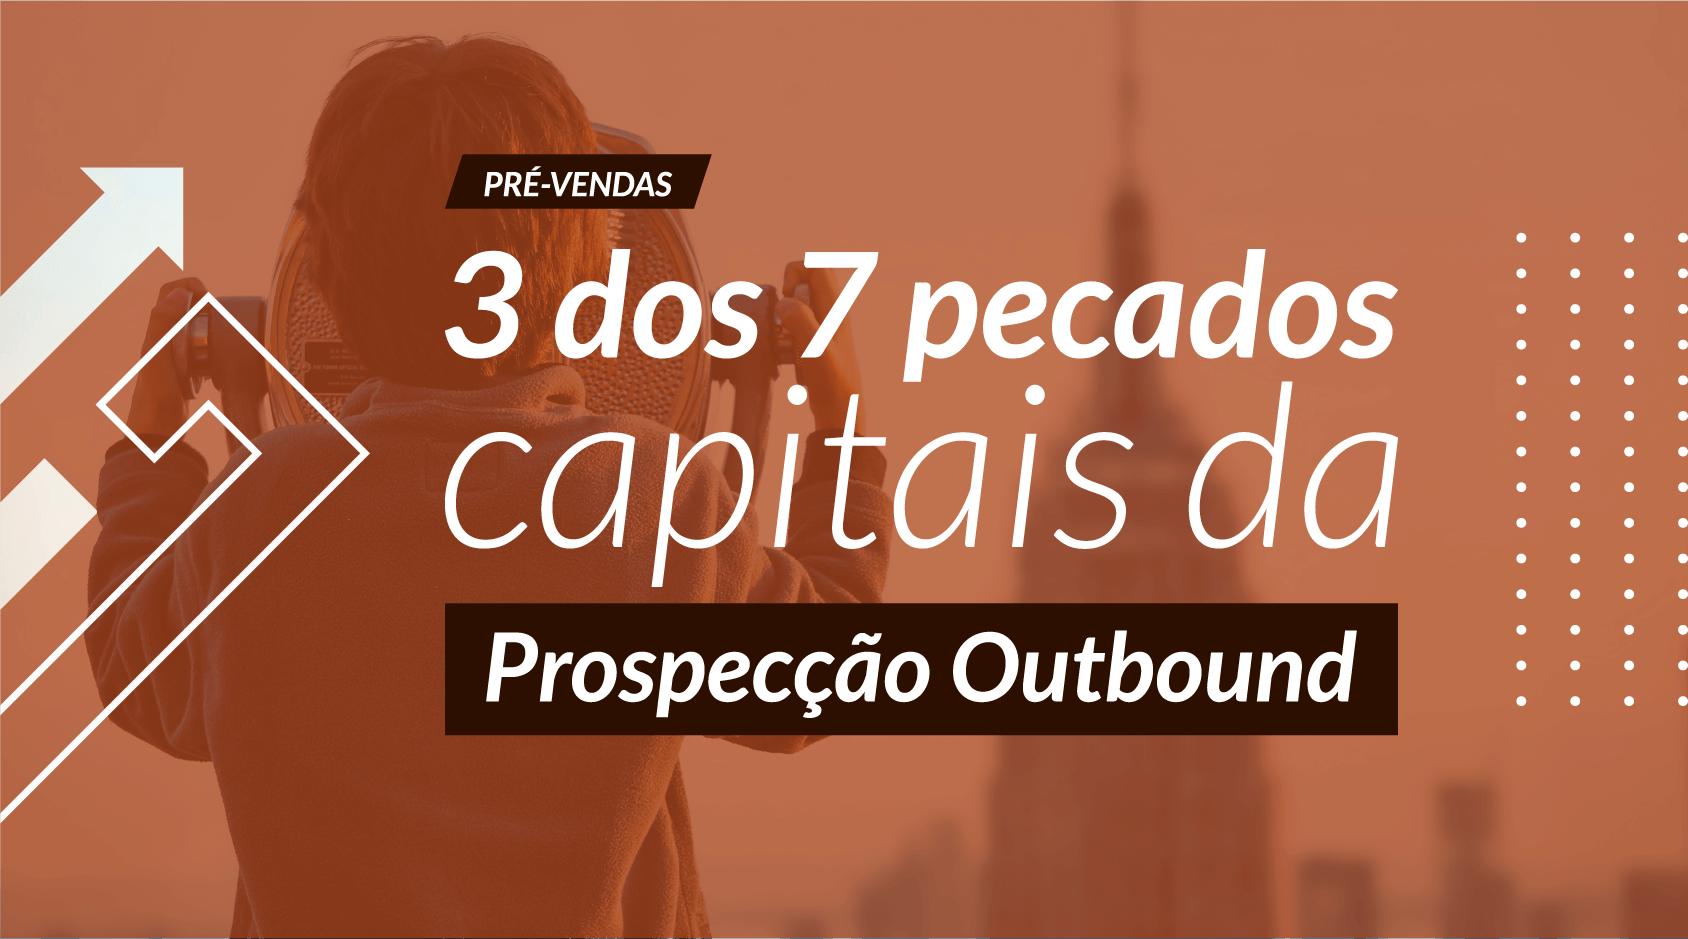 3 dos 7 pecados capitais da Prospecção Outbound